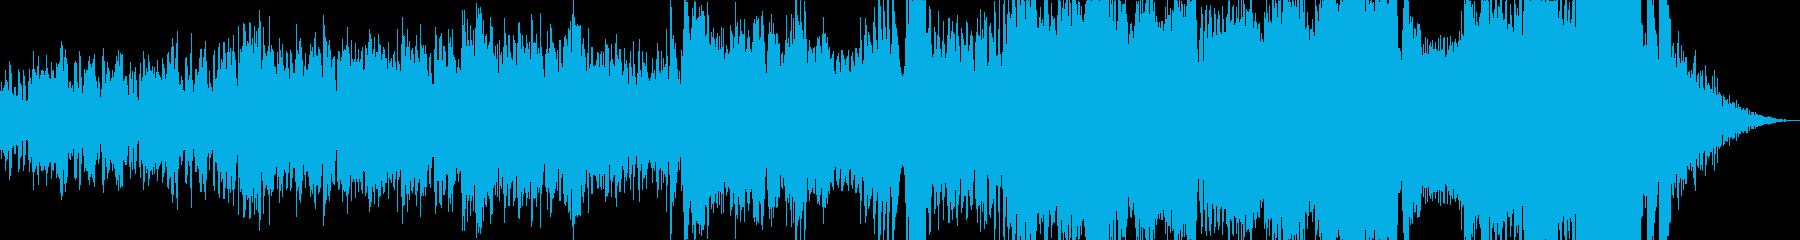 鹿鳴館ワルツの再生済みの波形